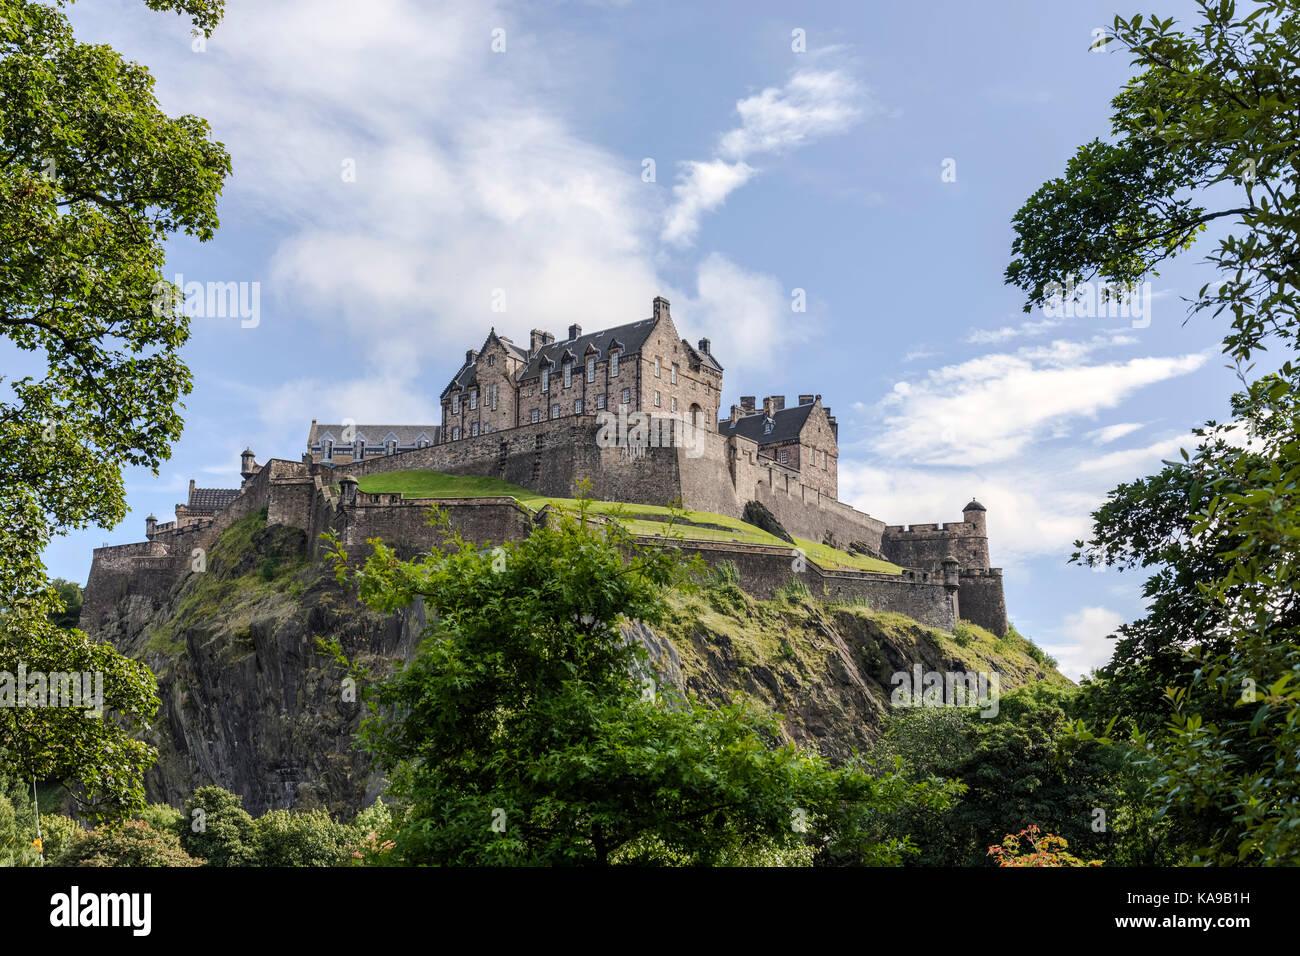 Il castello di Edimburgo, Lothian, Scozia, Regno Unito Immagini Stock